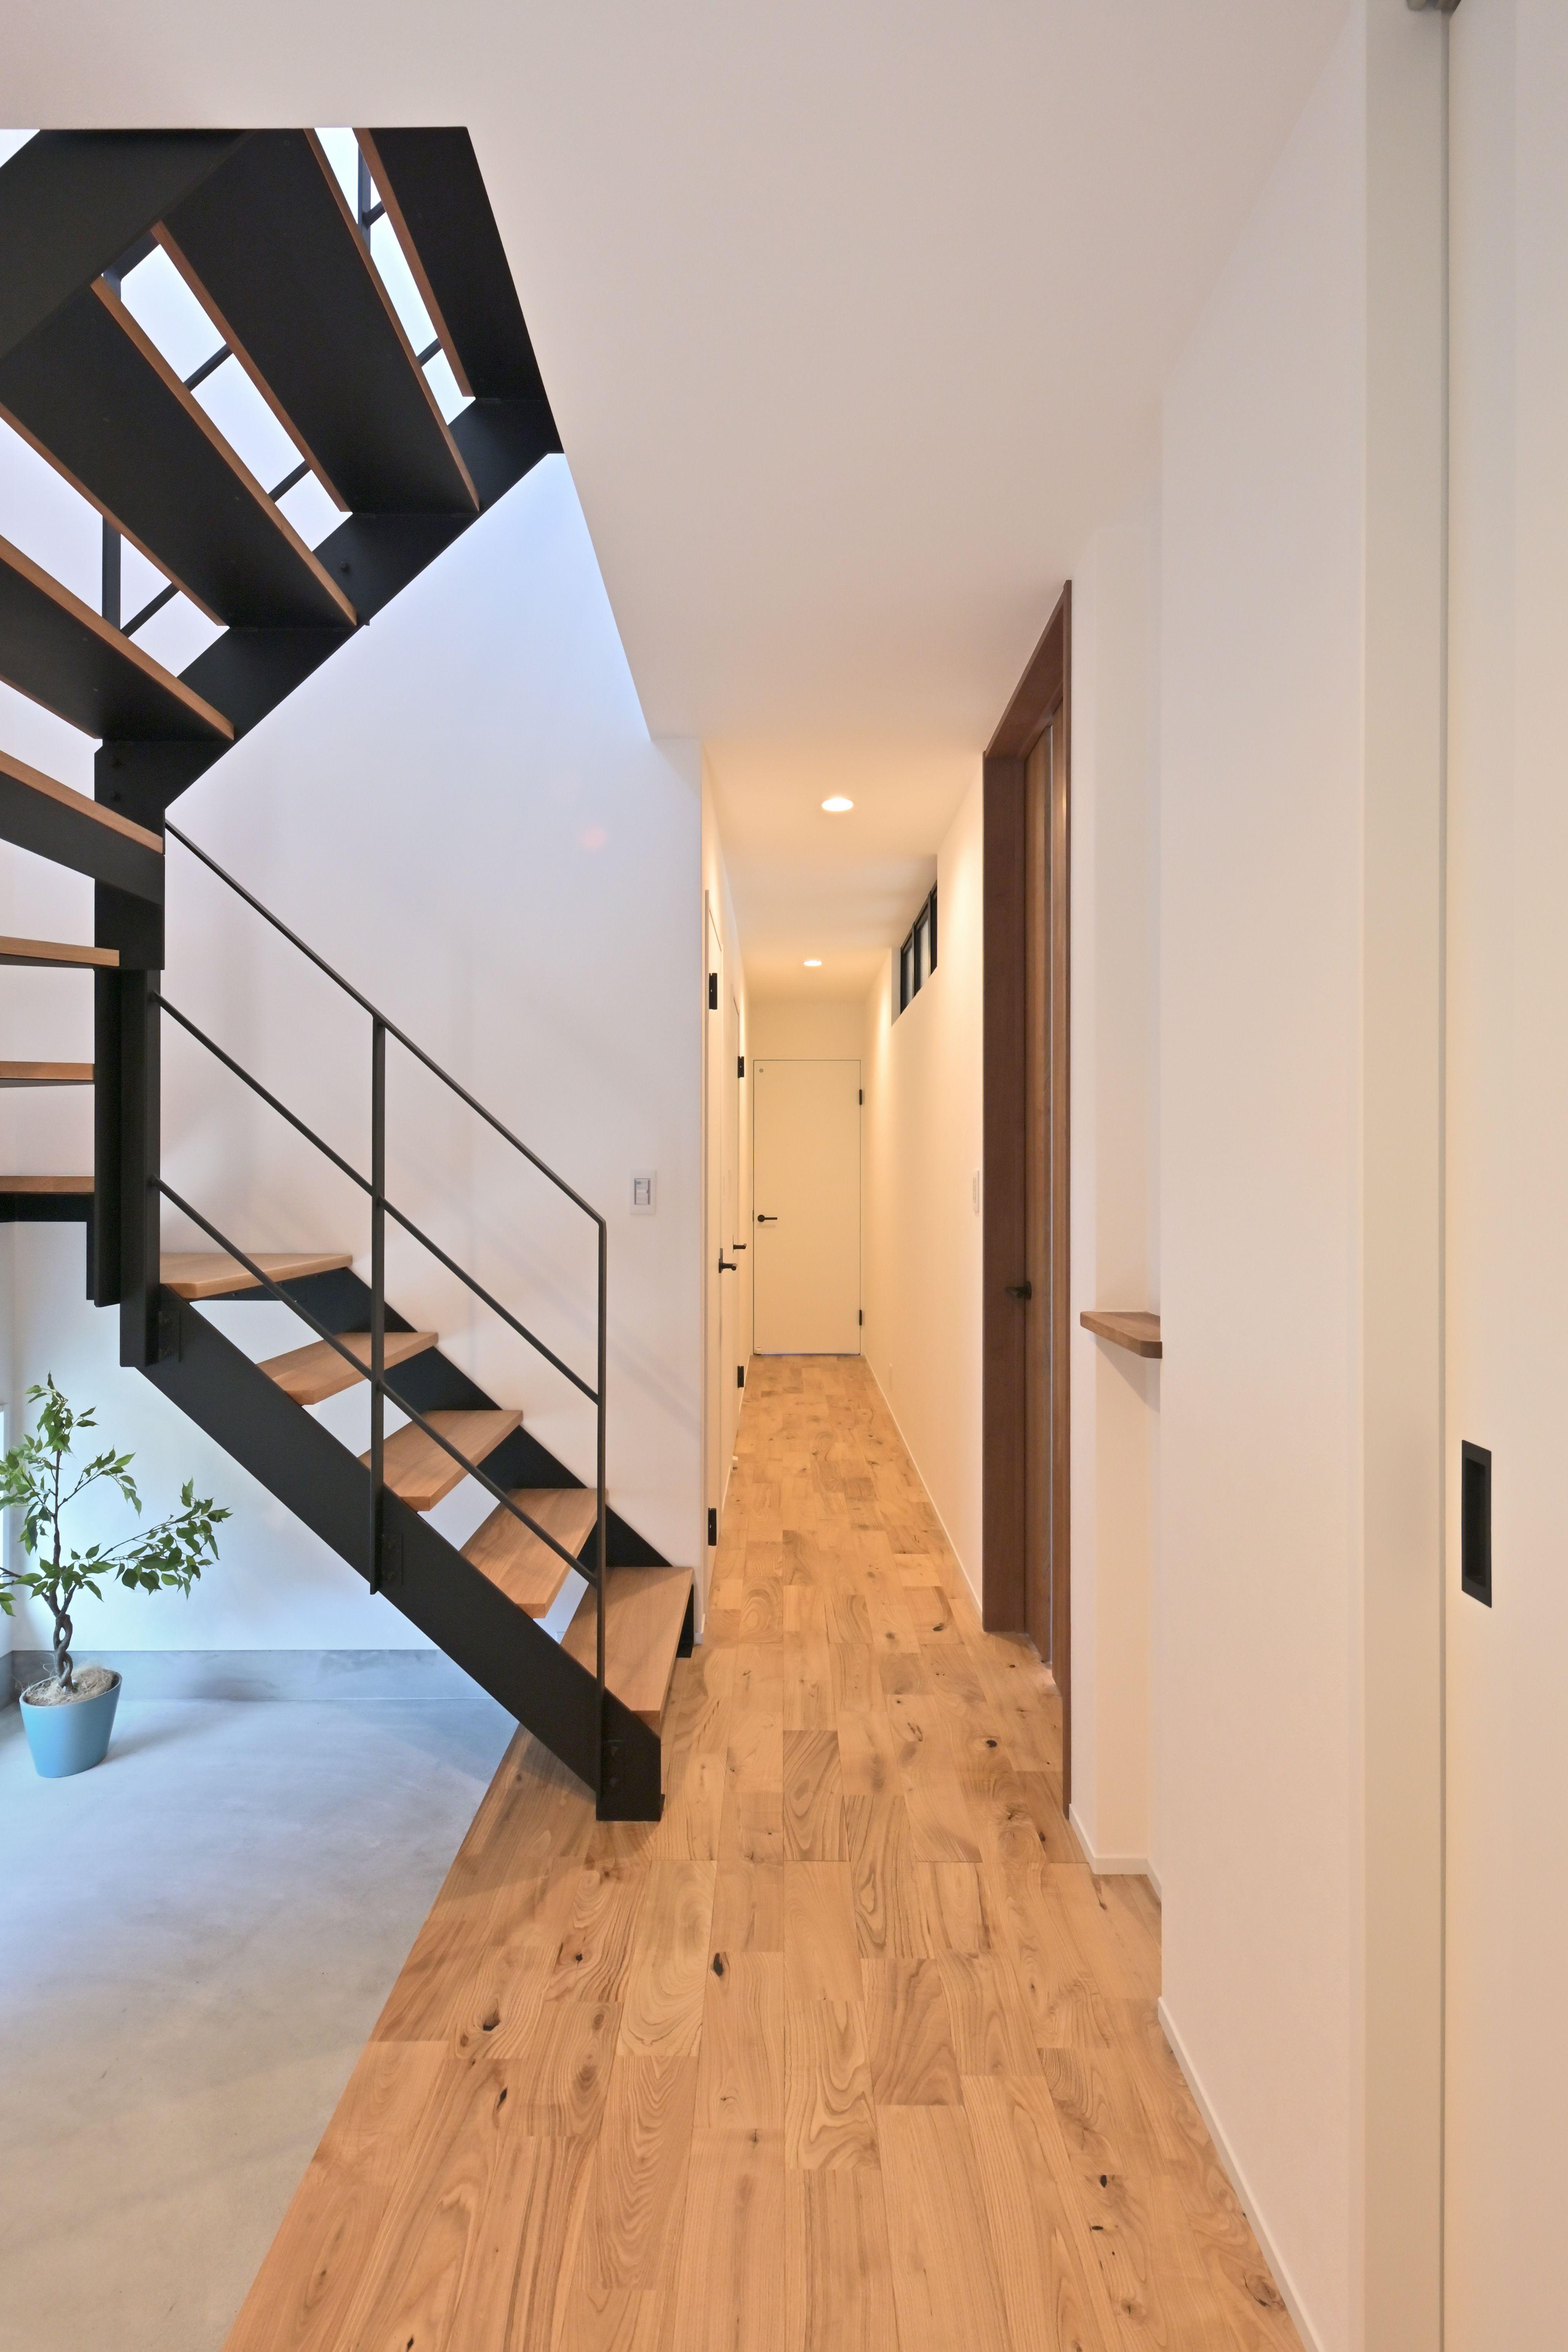 滋賀県草津市 を中心に 注文住宅 を 建築 しております 自然素材 を